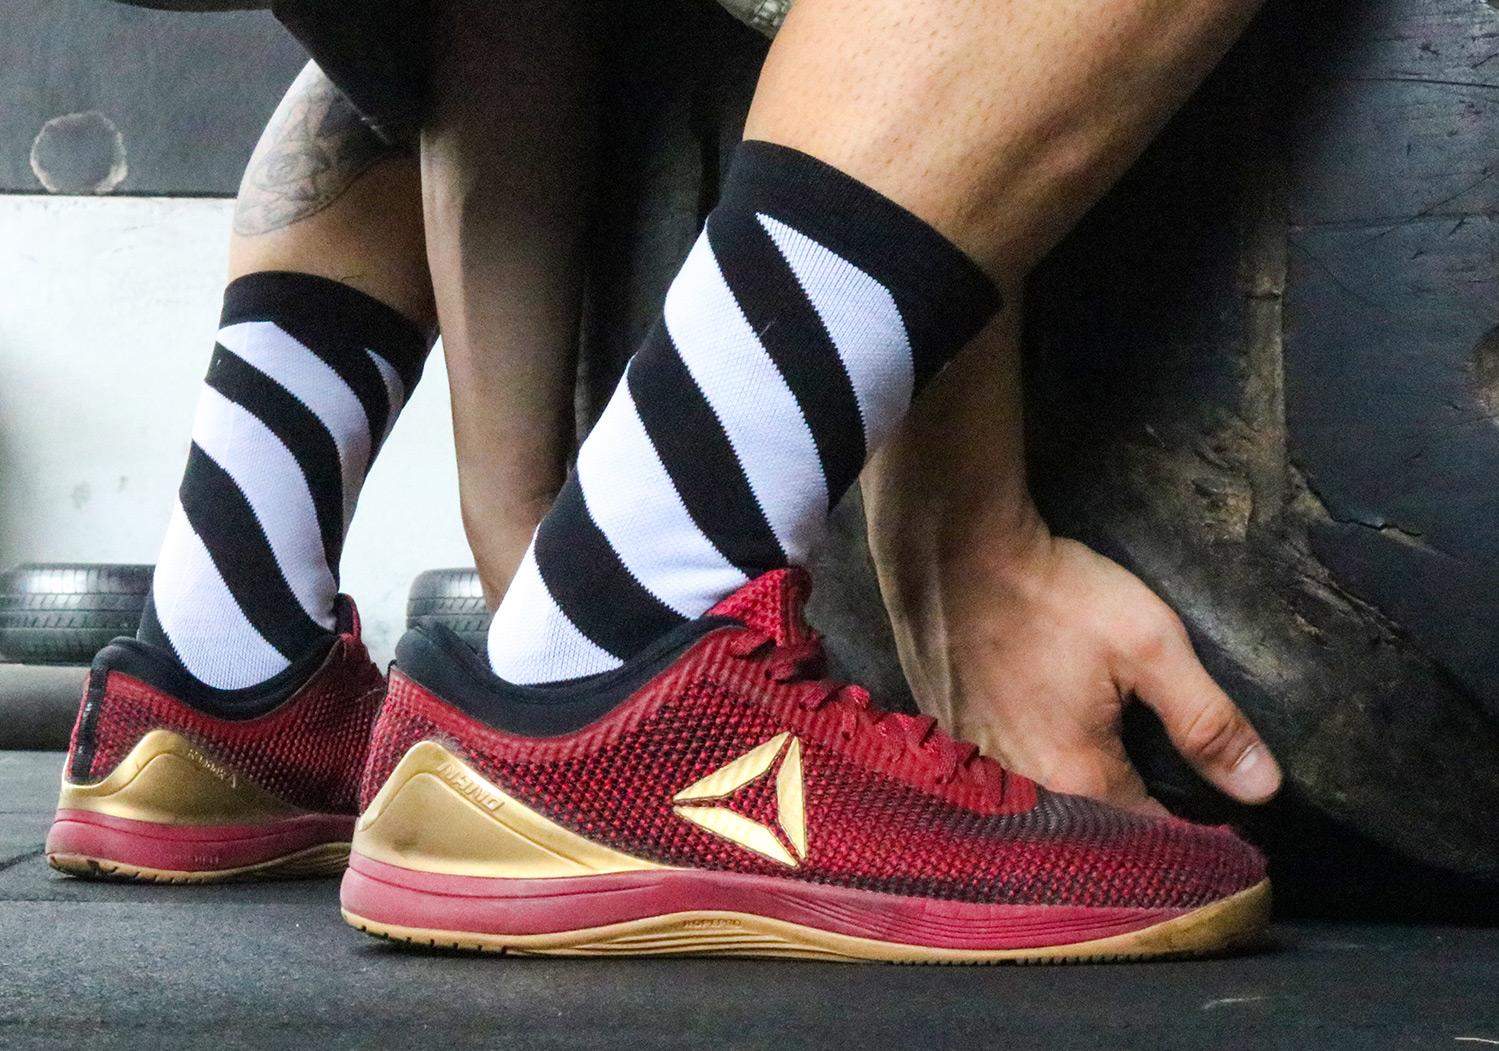 meias para treino masculinas